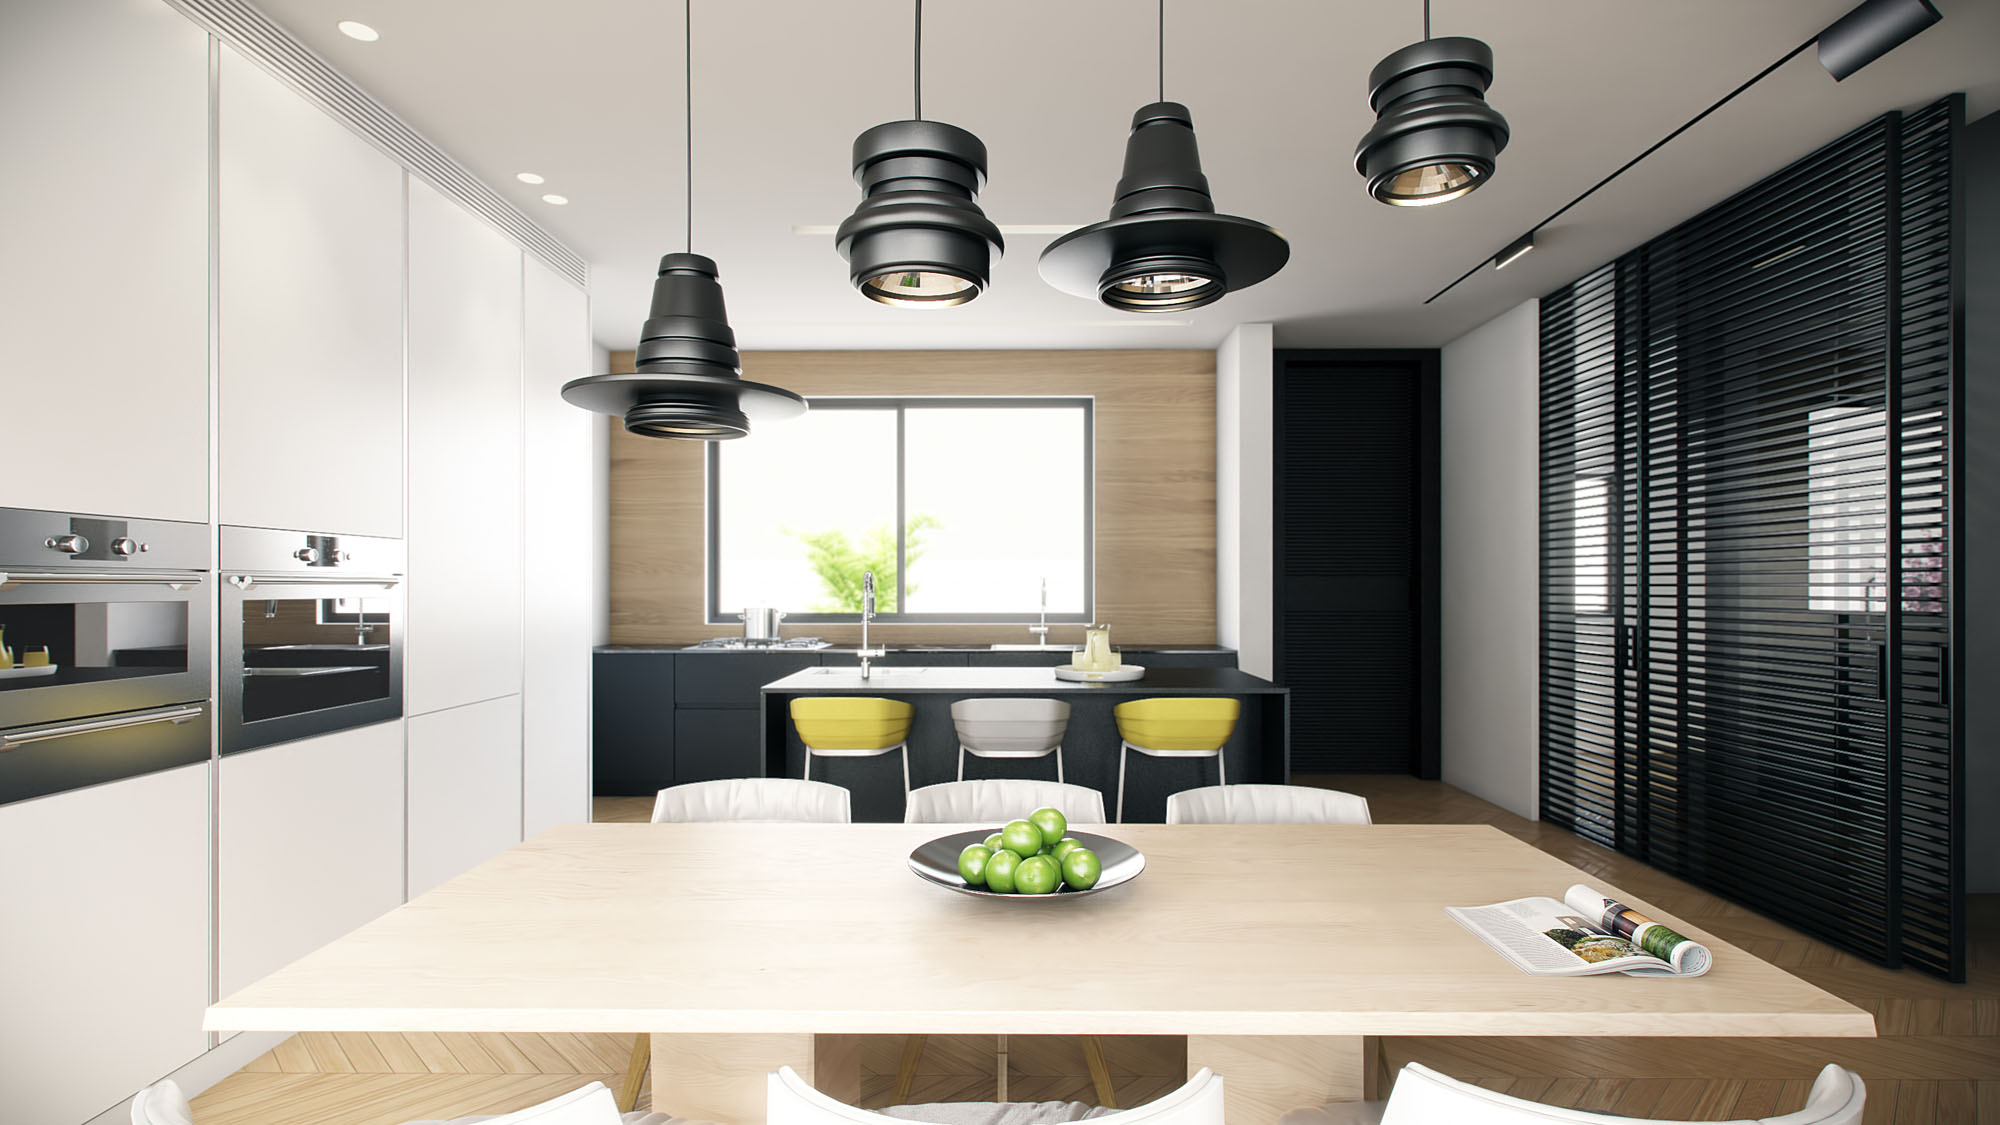 Lampu Digantung Untuk Dapur 60 Gambar Siling